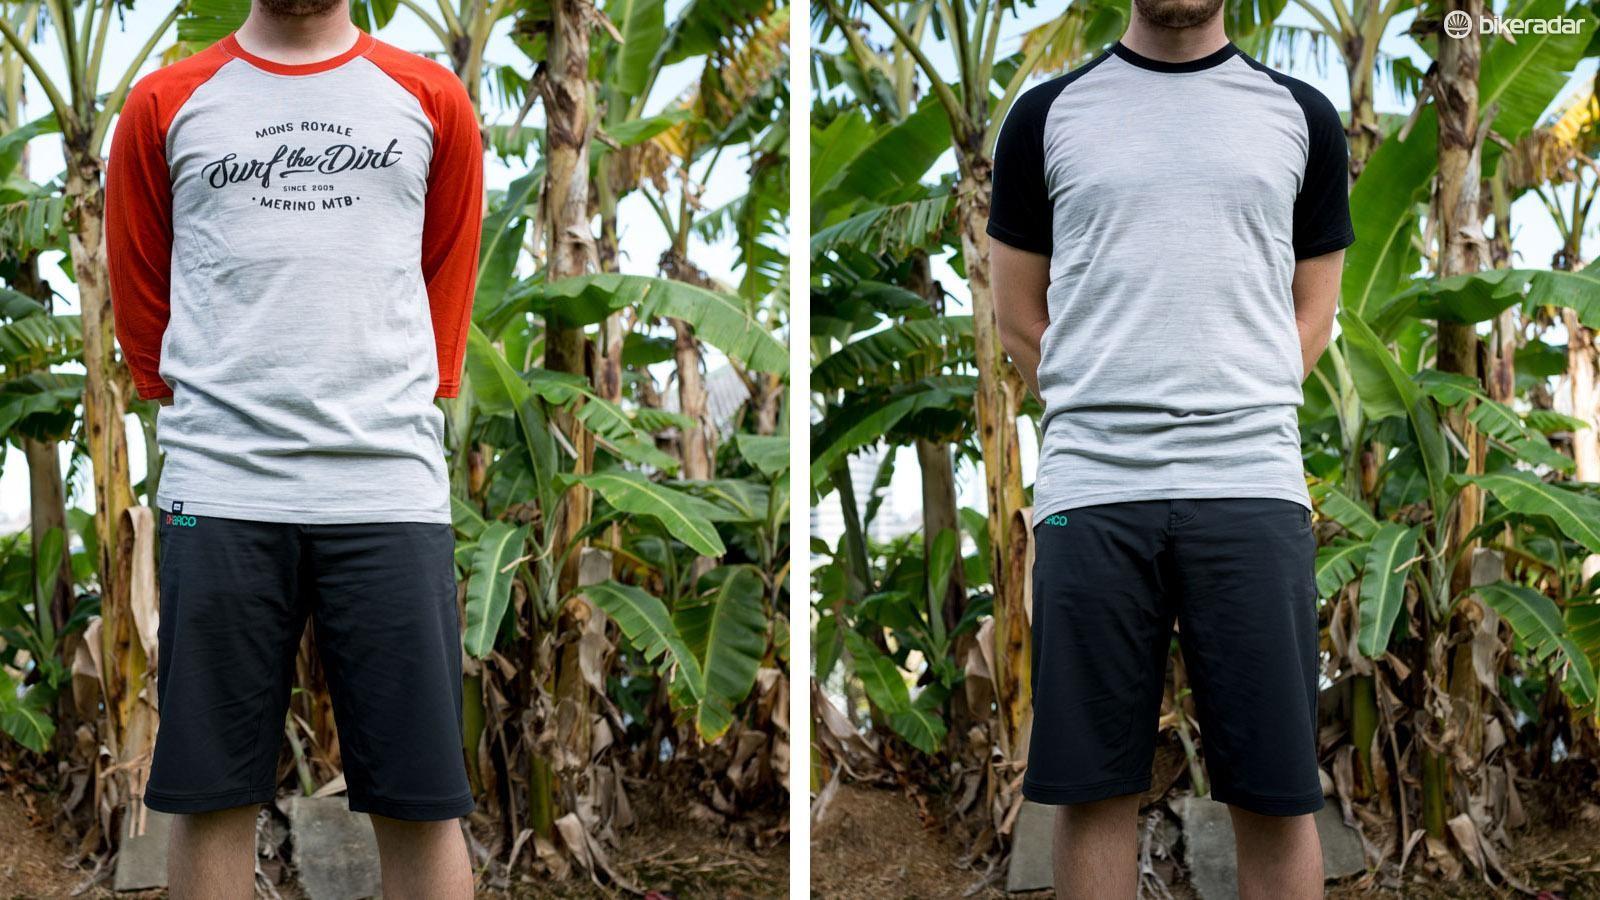 We've got New Zealand based Mons Royale's latest MTB jerseys